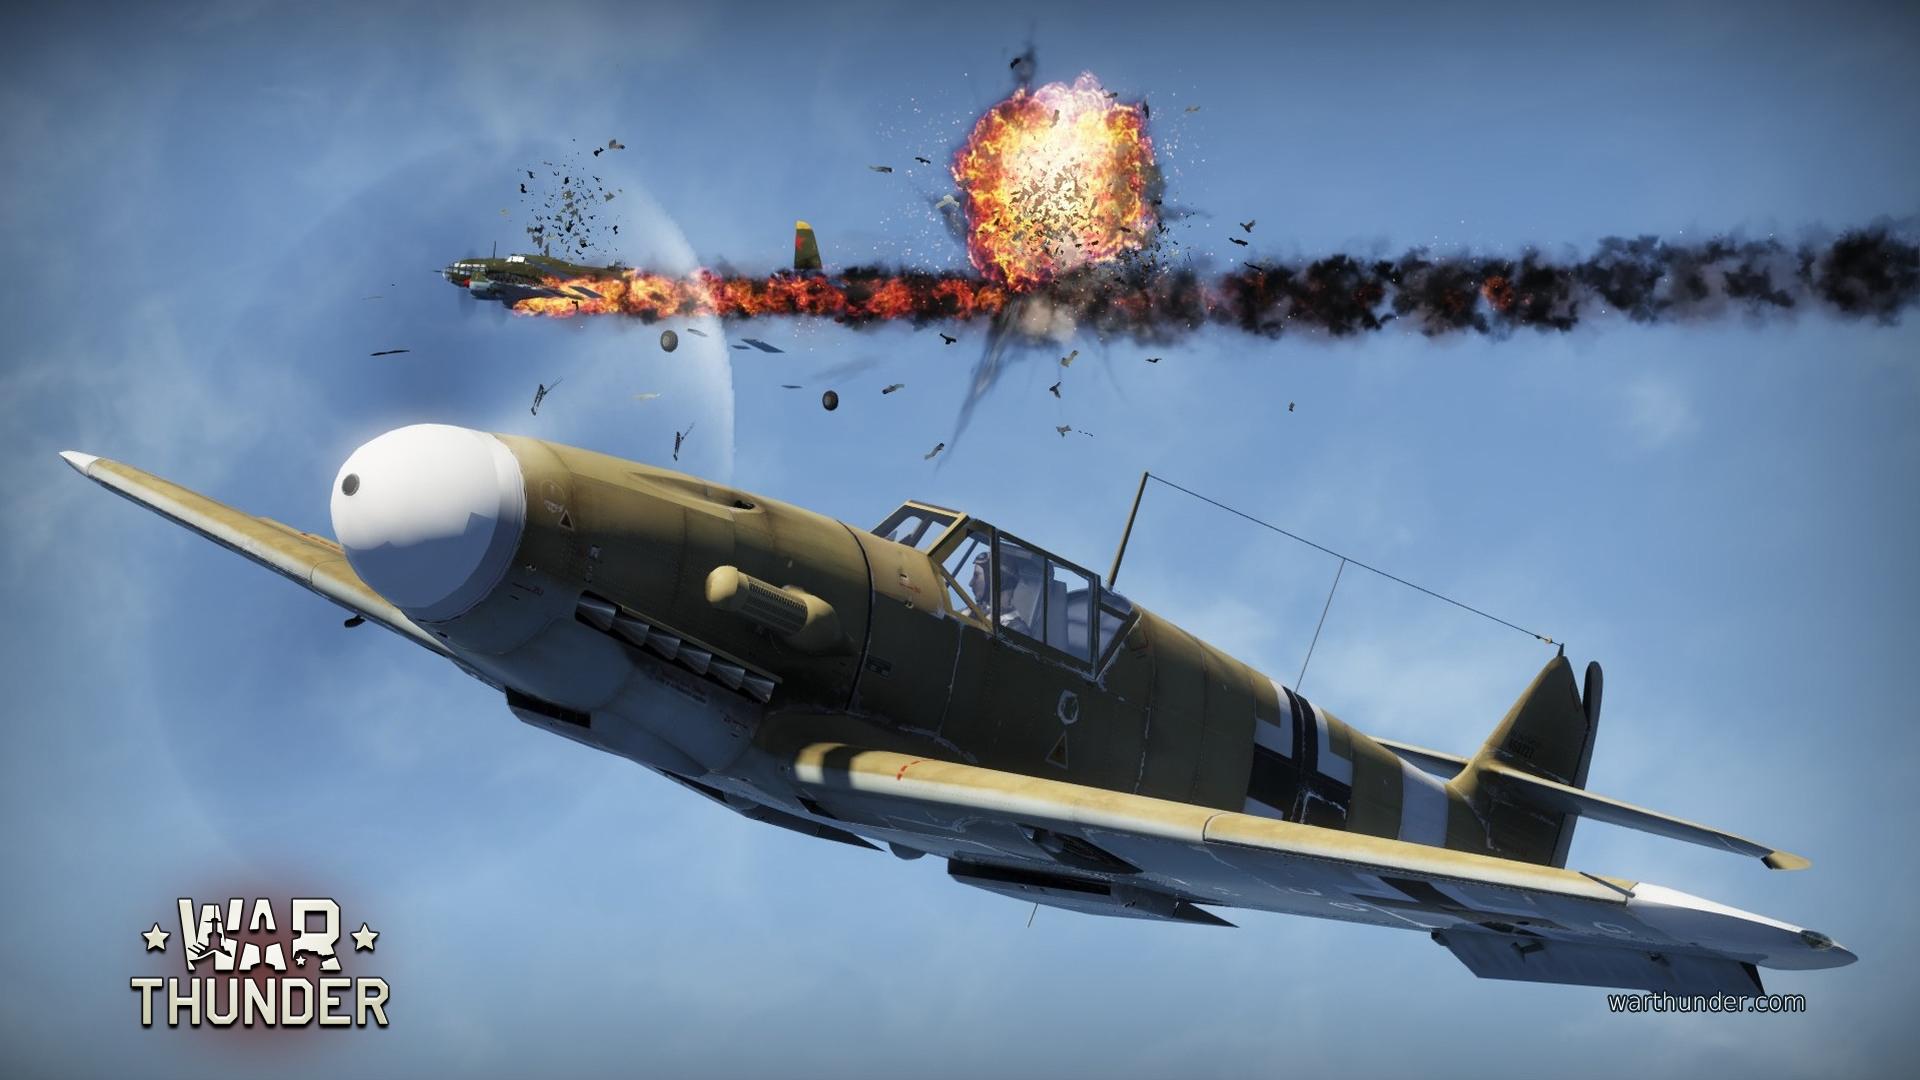 Trailer de War Thunder, juego de combate aéreo Gratis